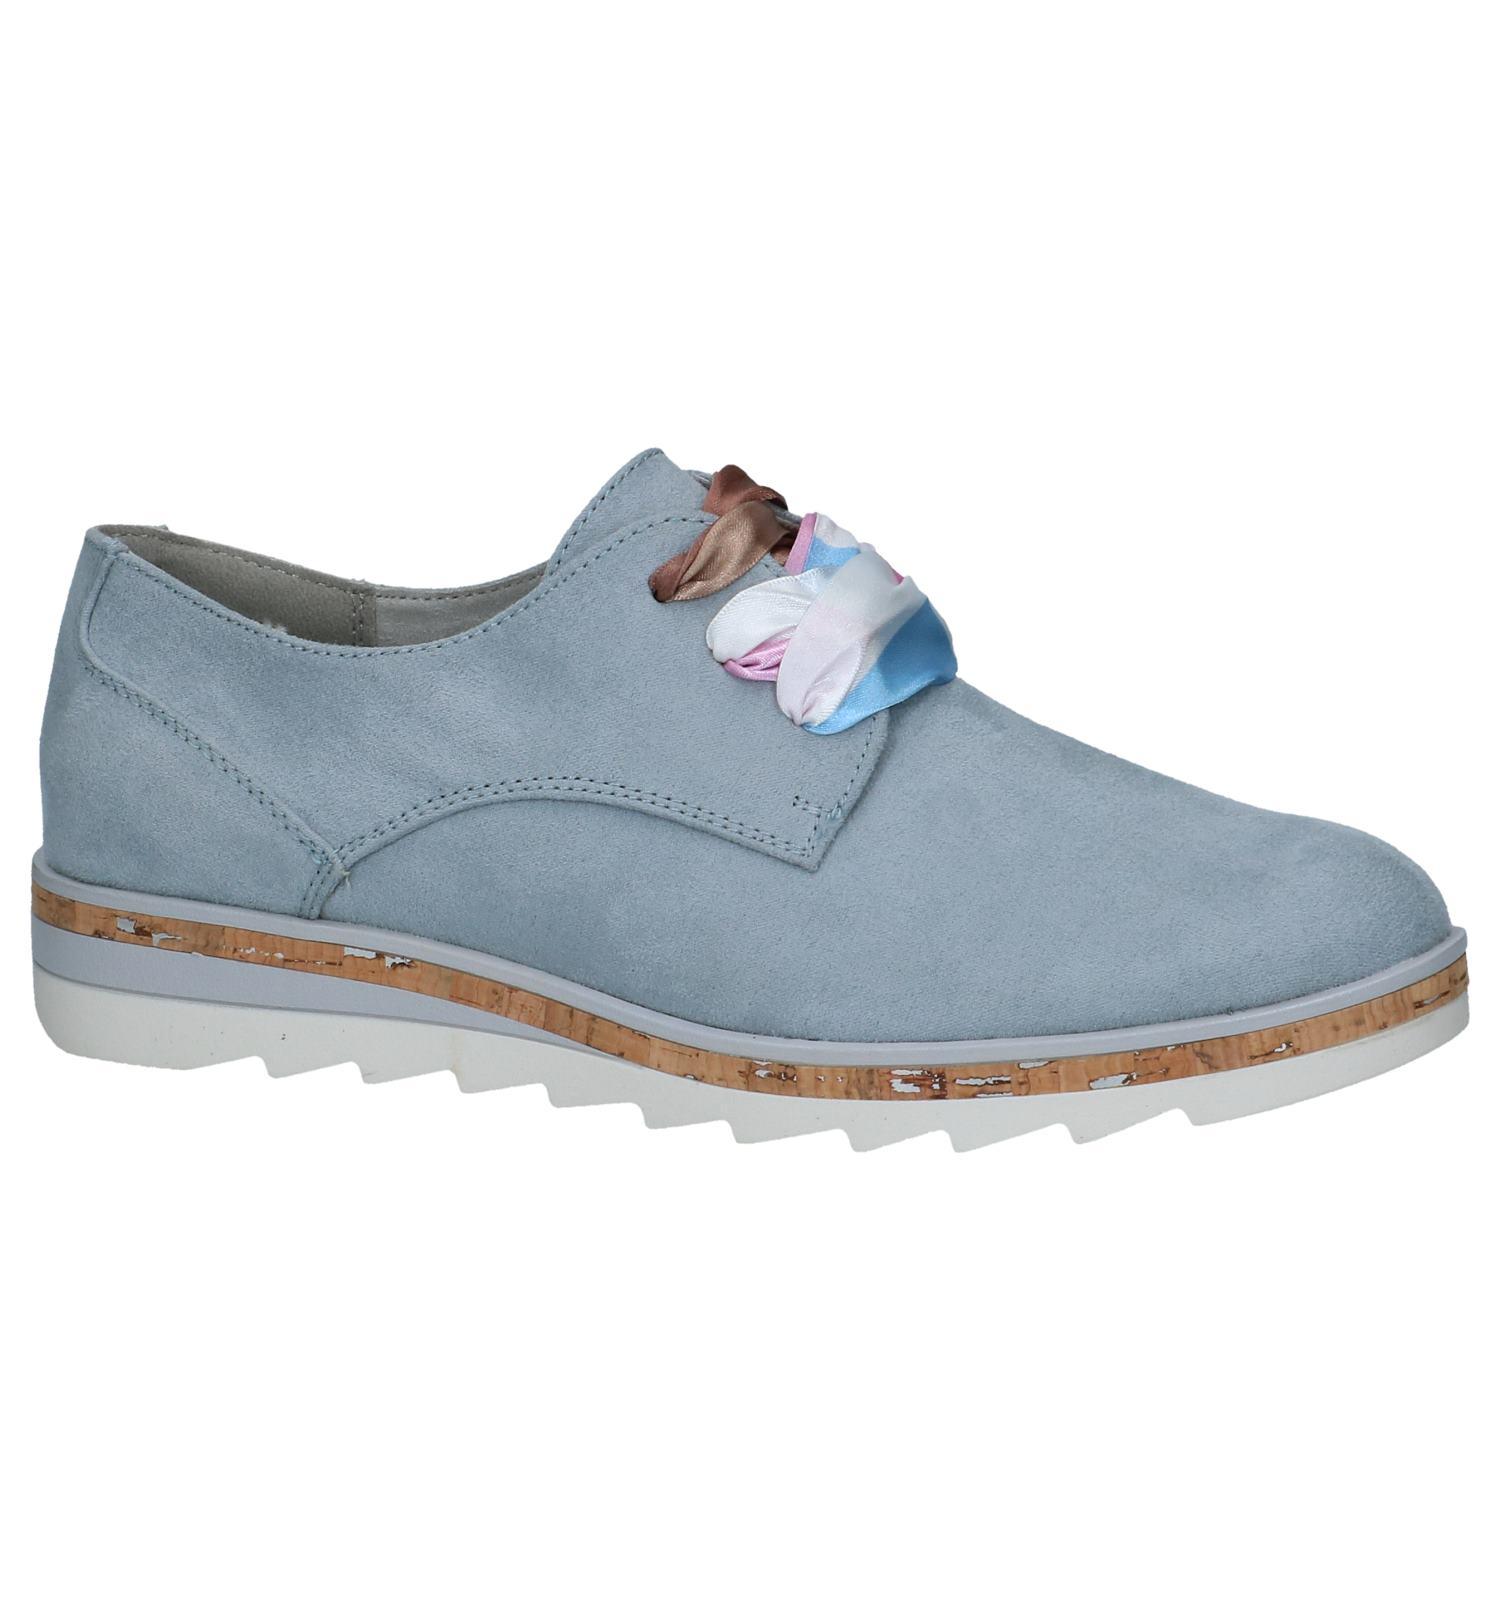 9a54171b1c3dc Marco Tozzi Chaussures à lacets (Bleu clair )   TORFS.BE   Livraison et retour  gratuits